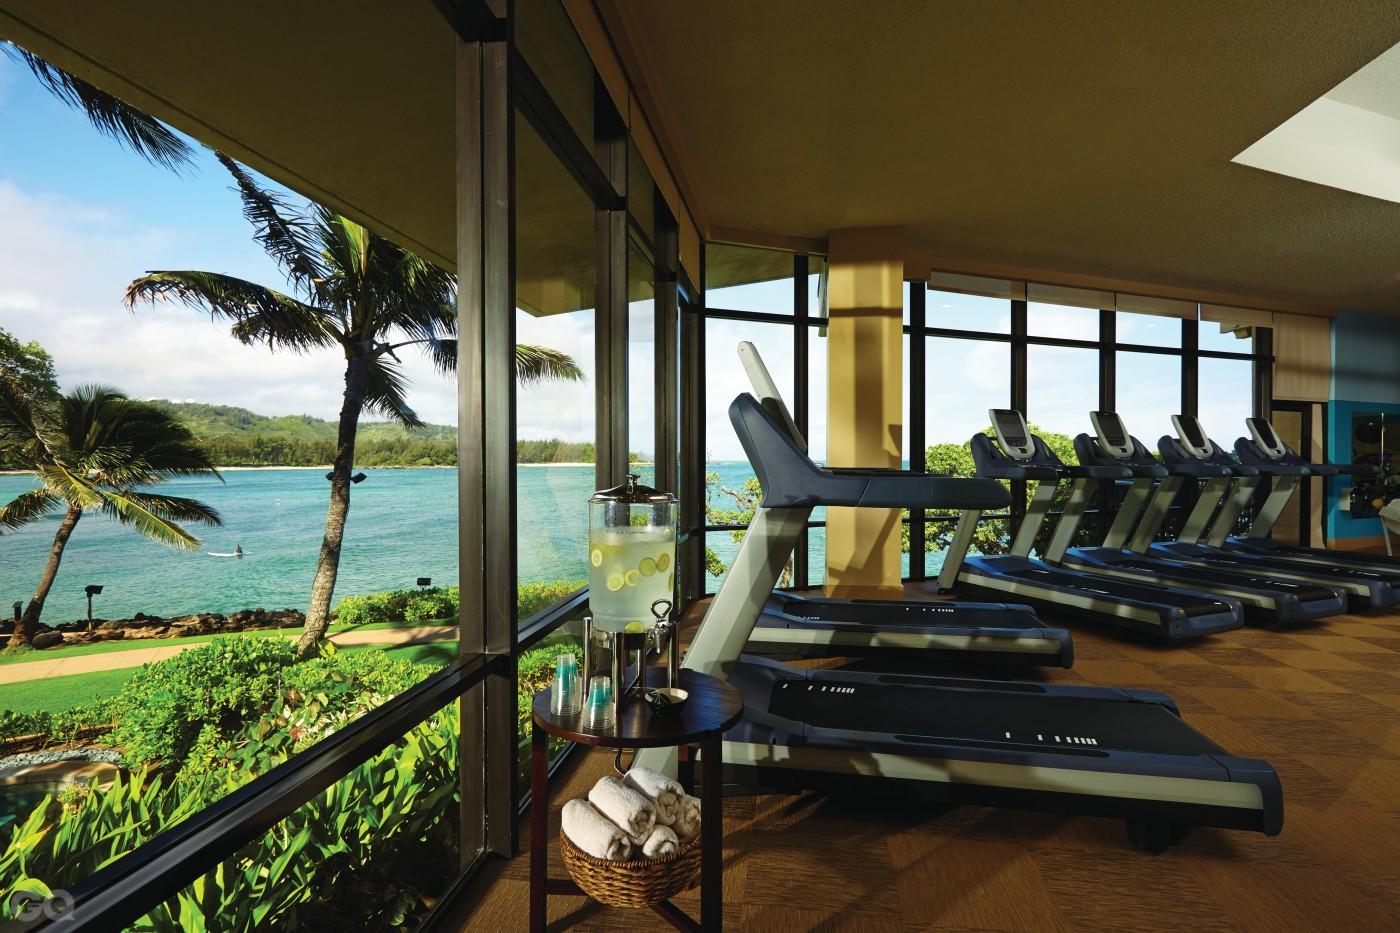 #turtlebay #gym #aloha